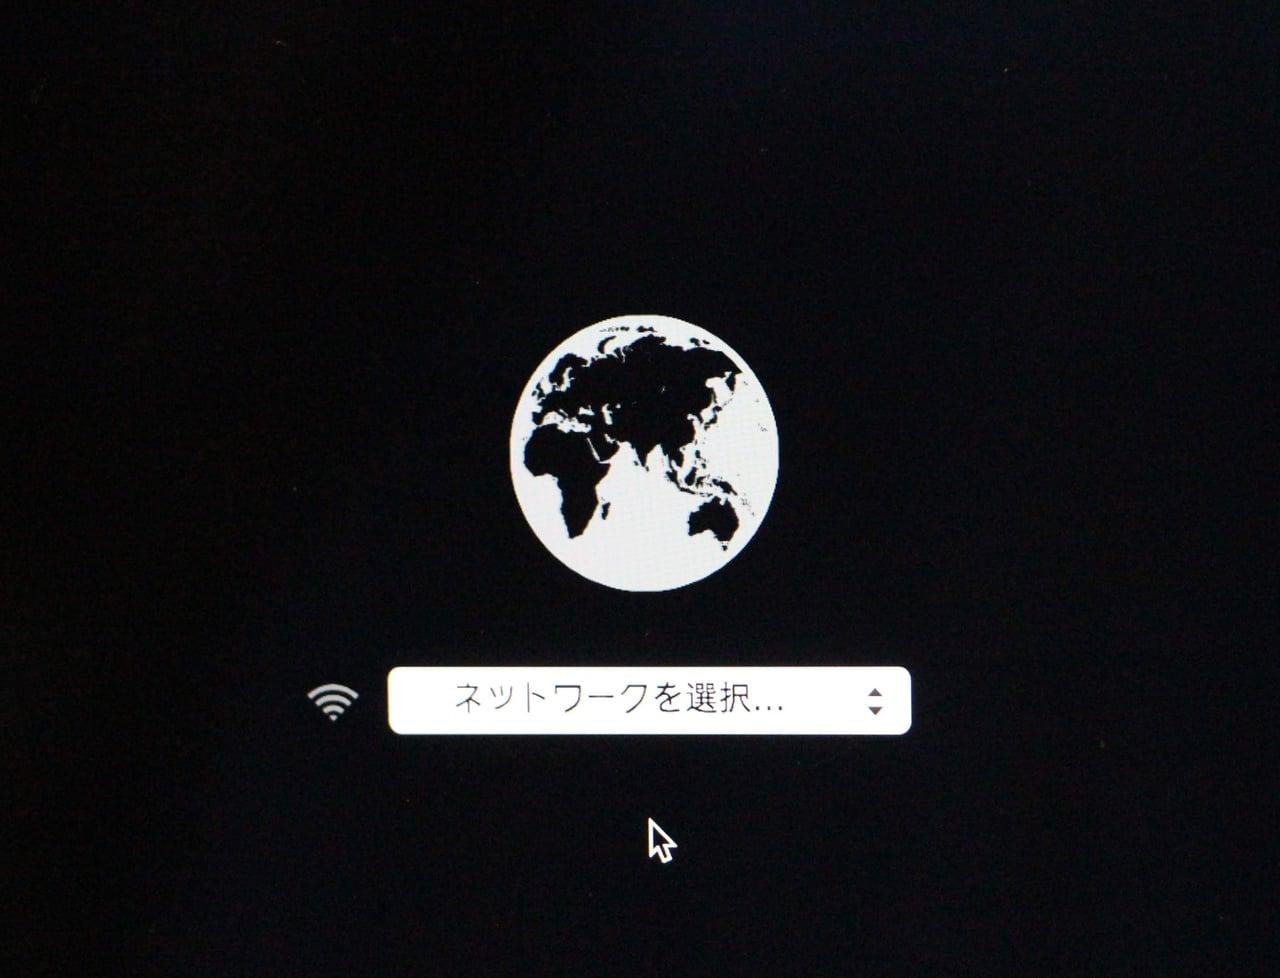 地球儀マークが表示